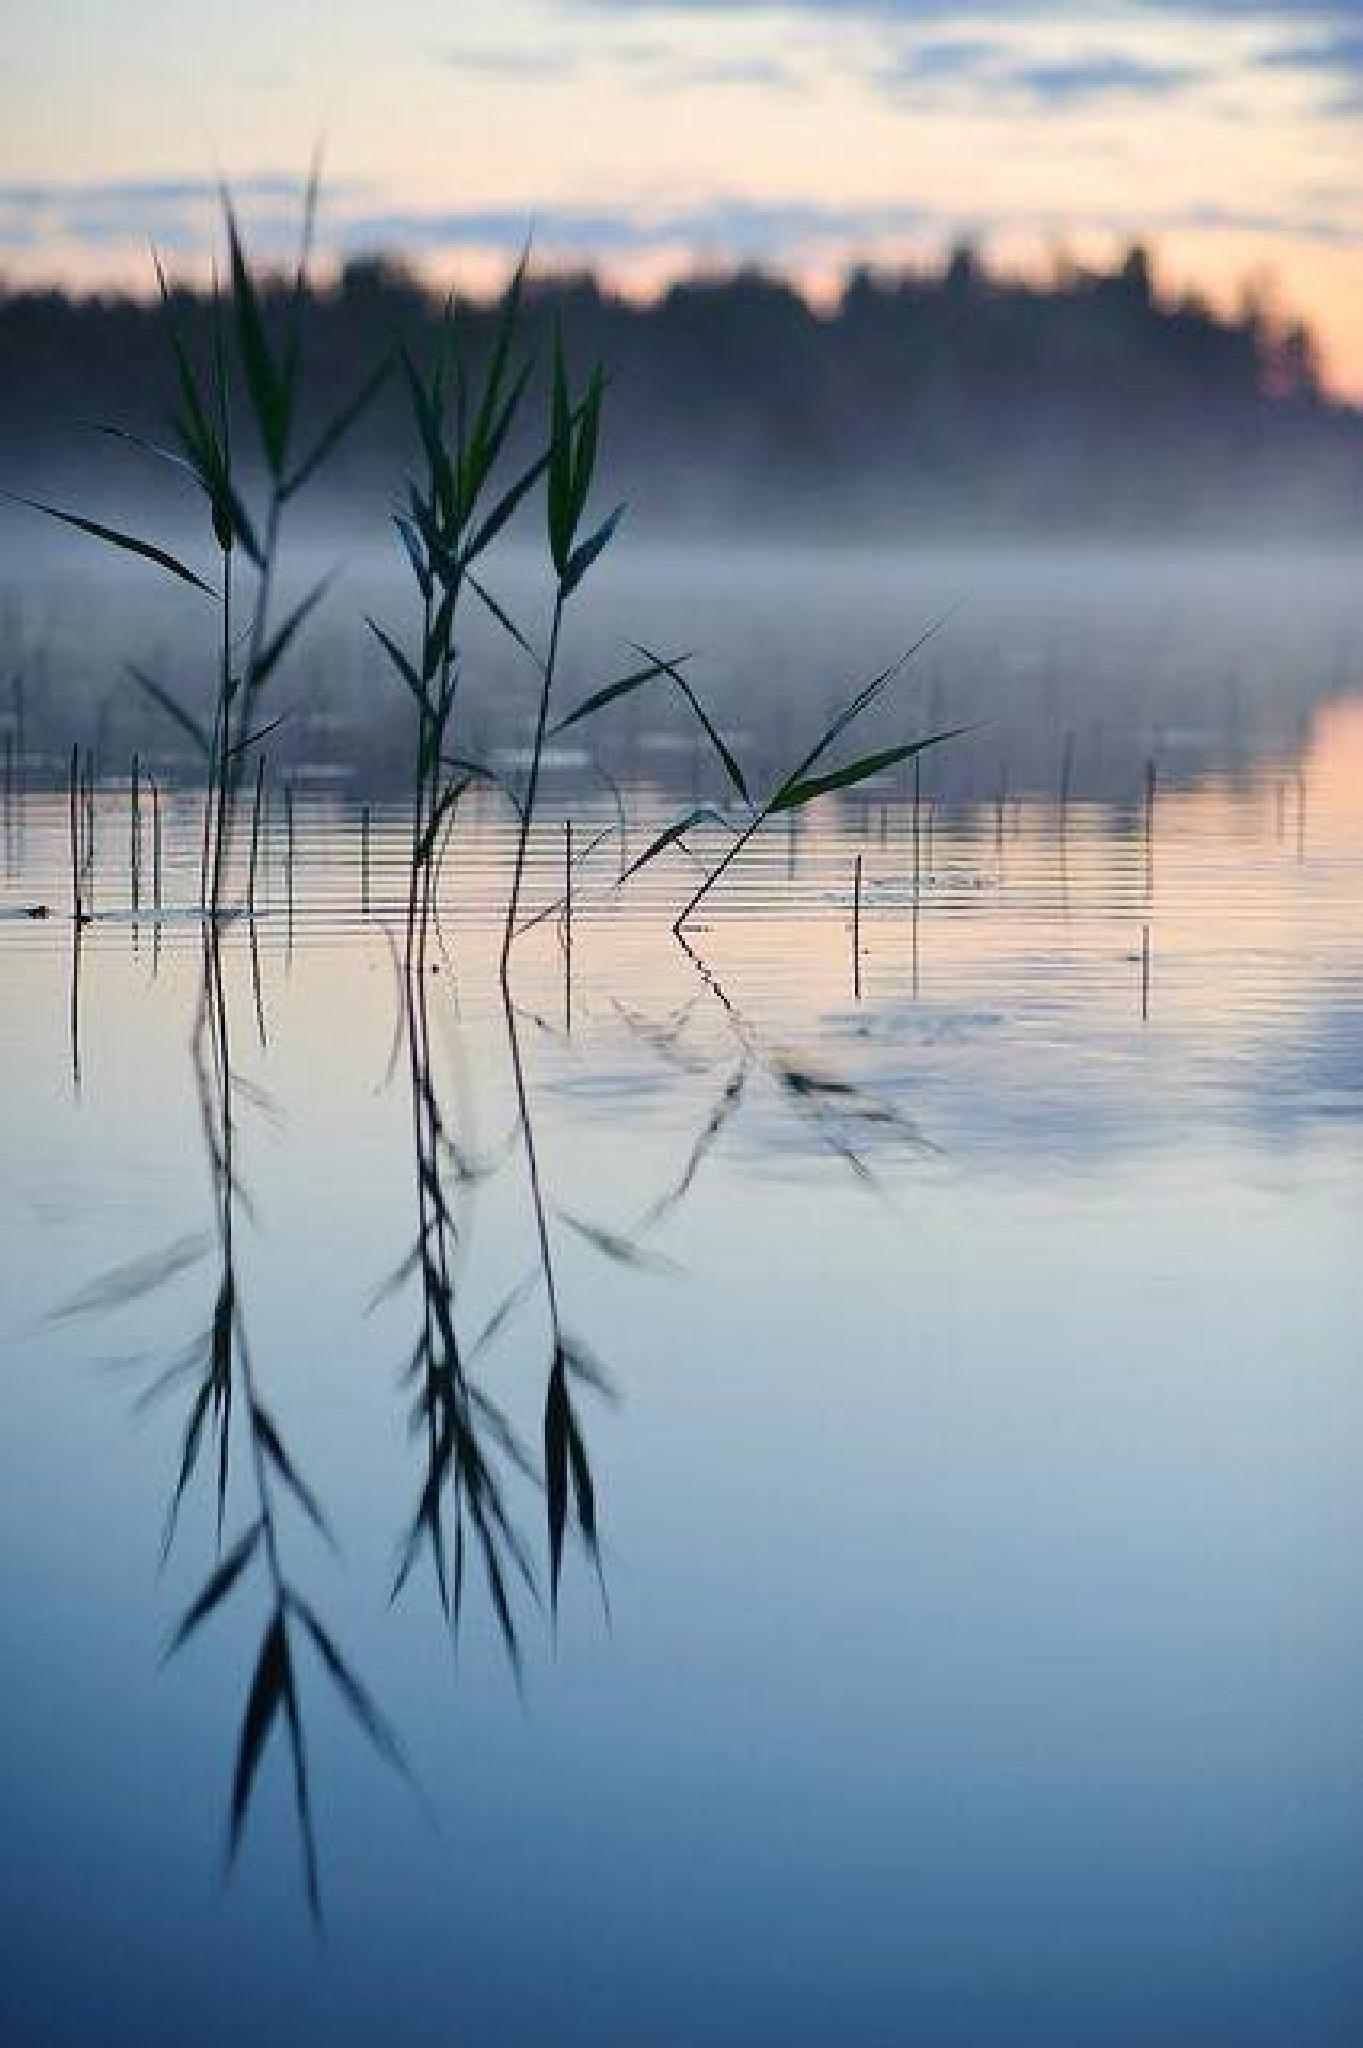 Serenity by shimmerjoy